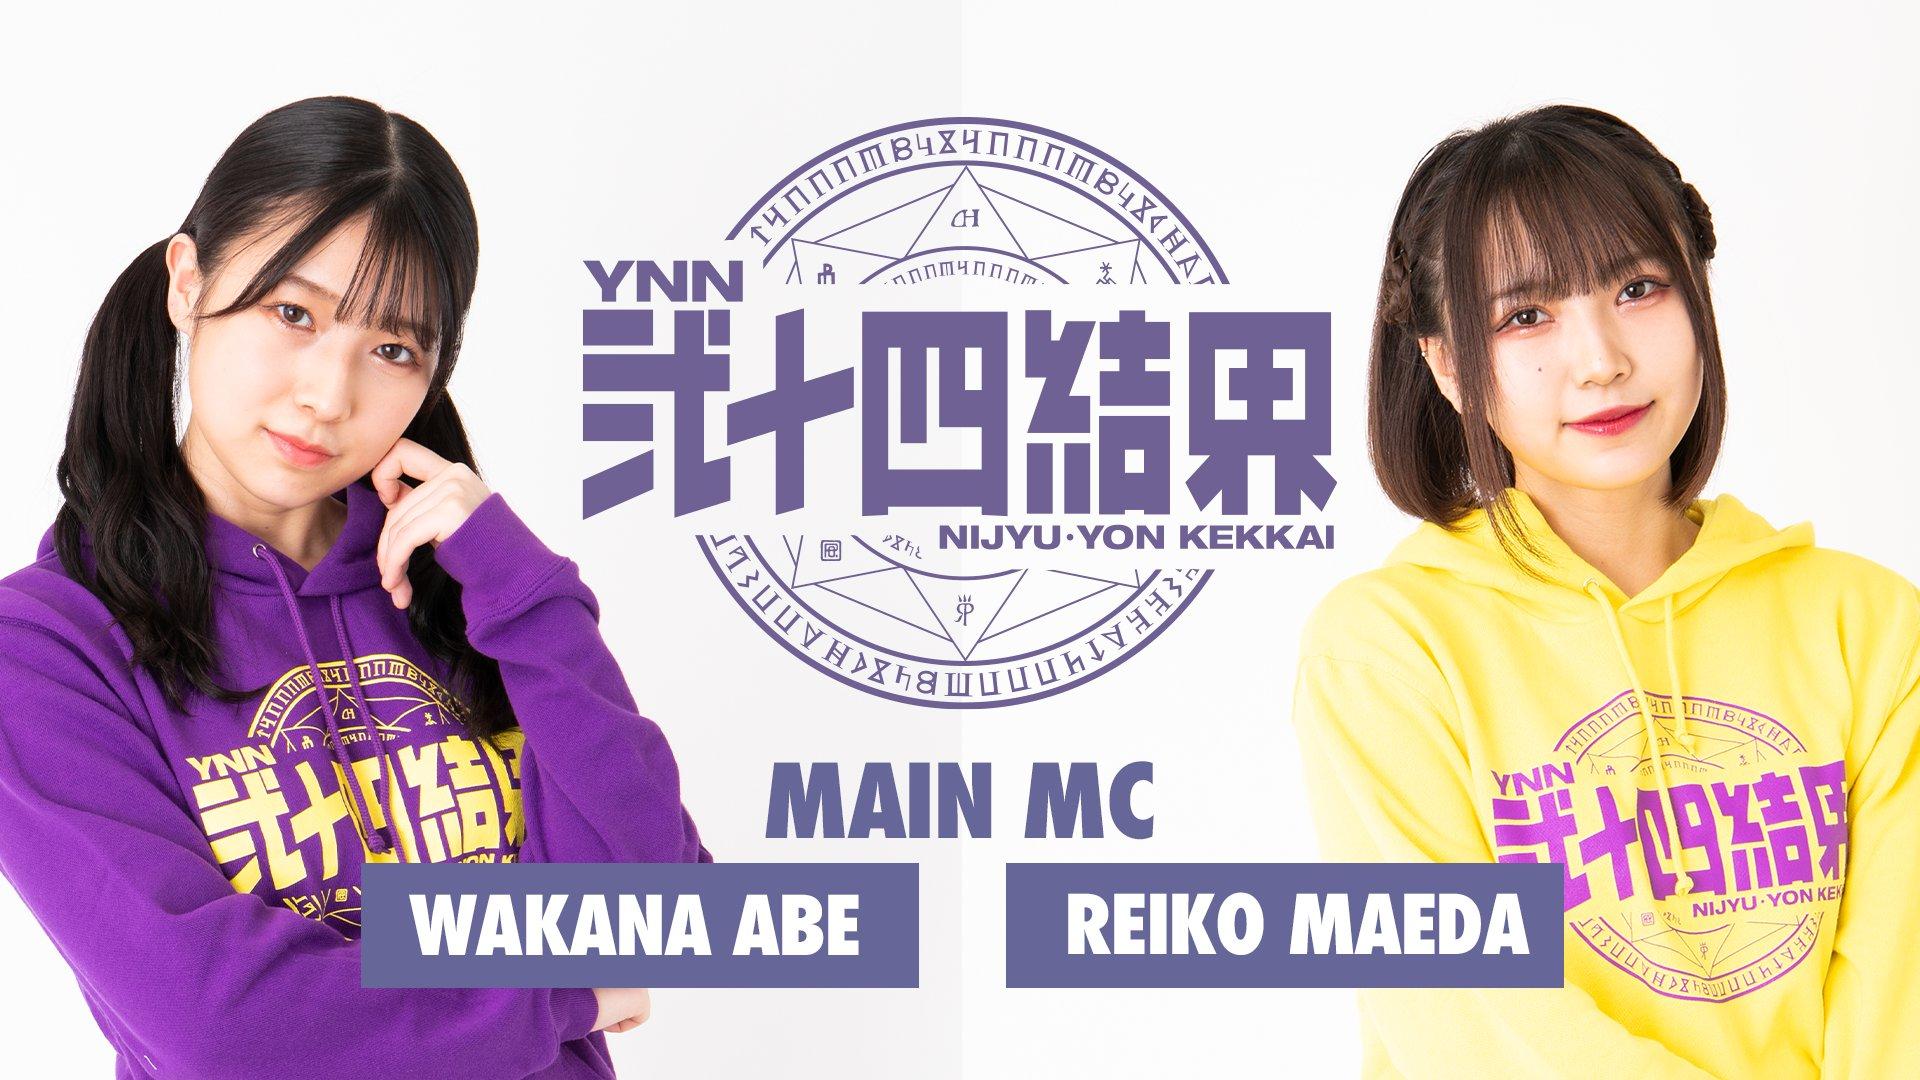 【NMB48】『YNN弐十四結界』全コーナー発表。メインMCはわかぽん・れいこ